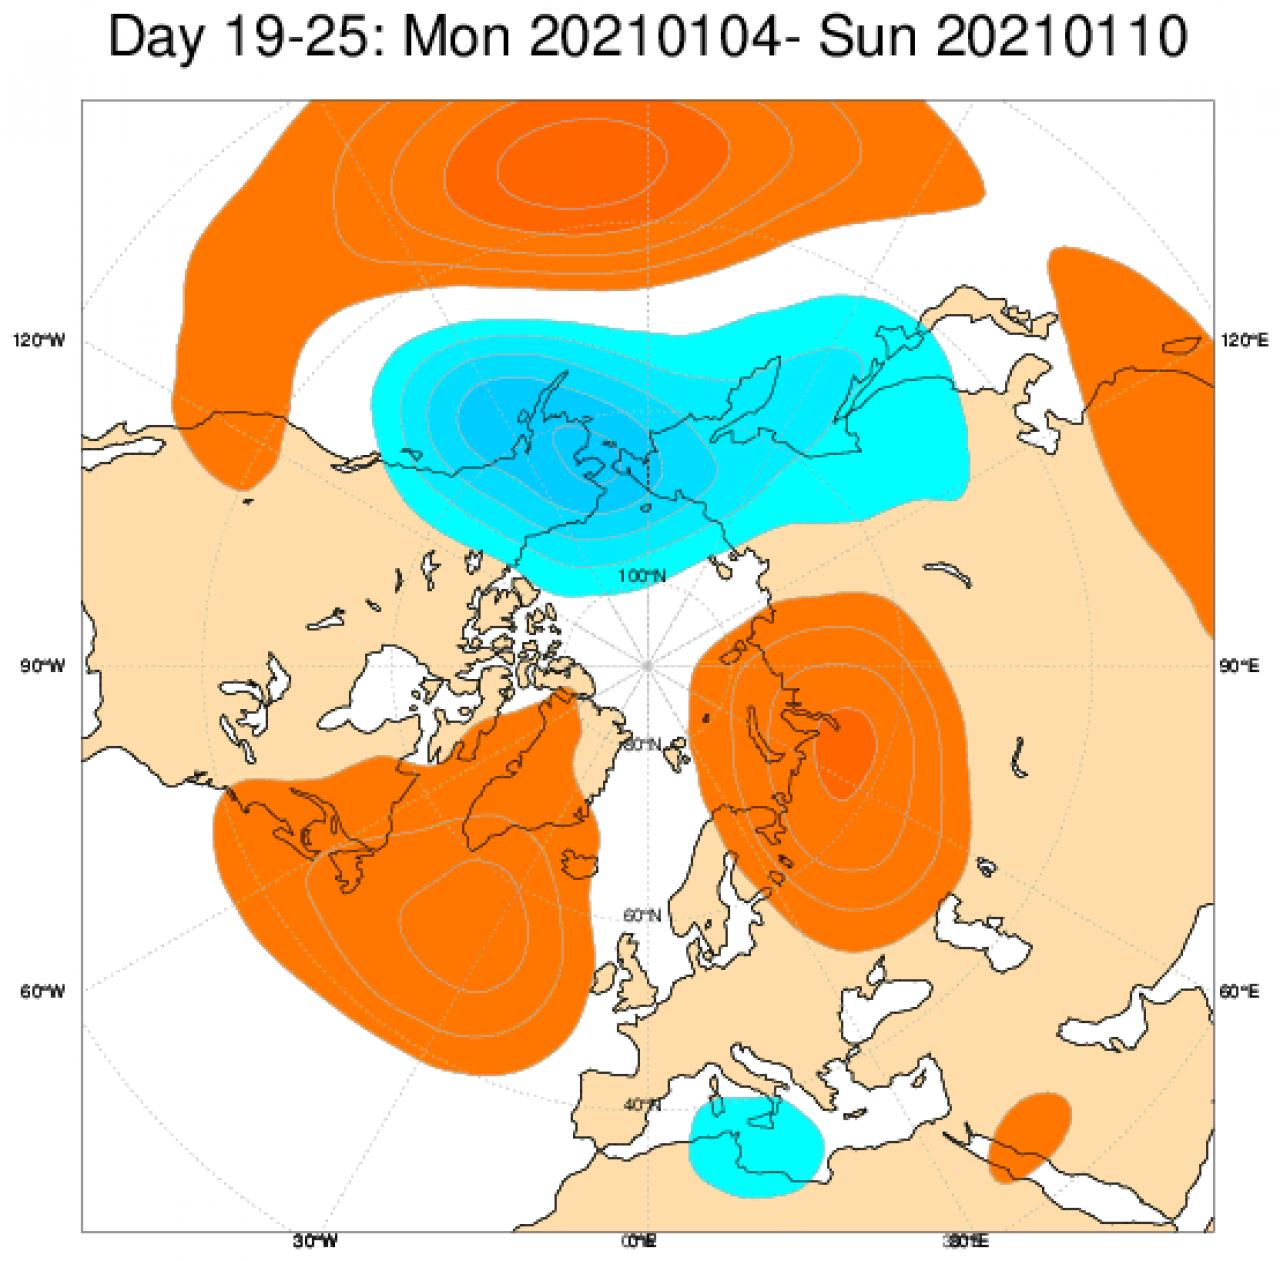 Le anomalie di geopotenziale secondo il modello ECMWF in Europa, mediate nel periodo 4 - 10 gennaio